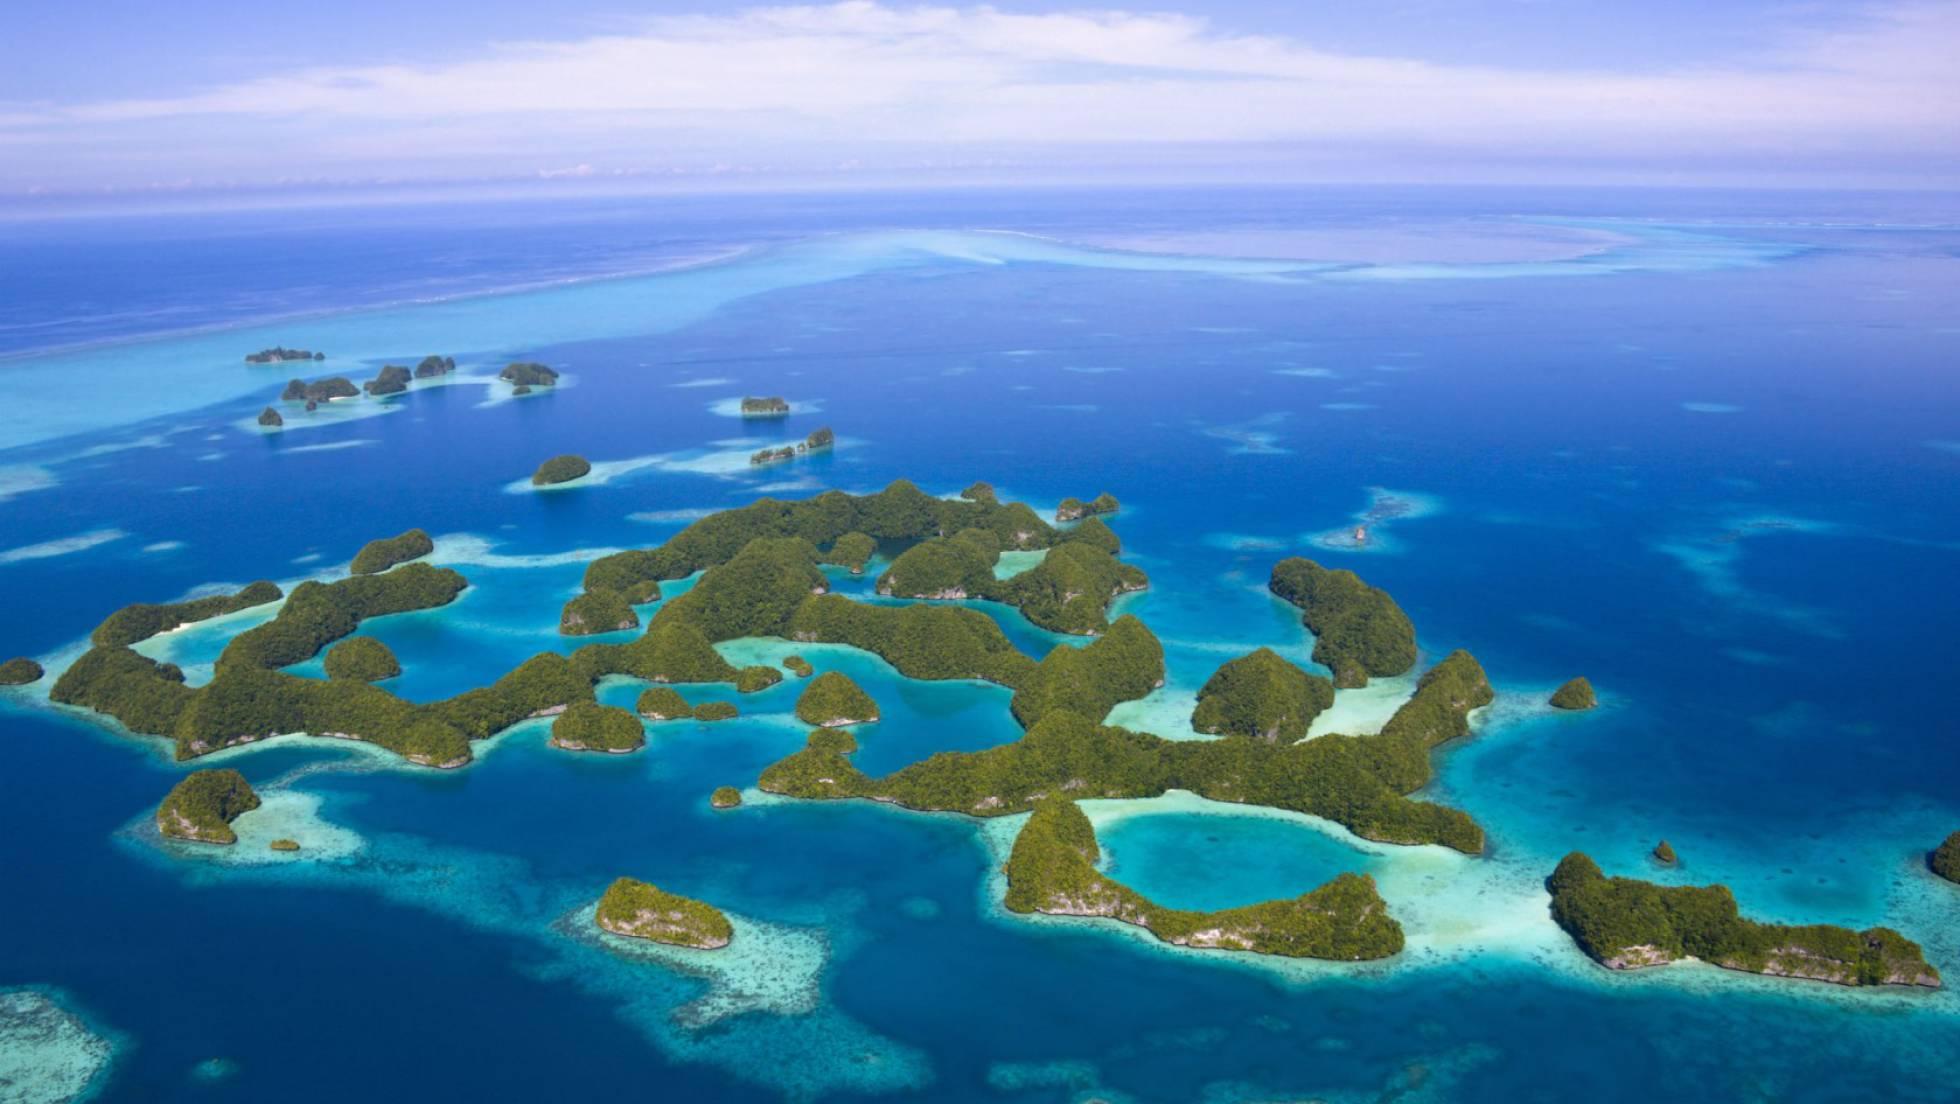 El Presidente Del Archipiélago De Palau, Tommy Remengesau, Asegura Durante La Cumbre Bienal De La FAO Que Le Cuesta Imaginar Qué Planeta Dejaremos A Nuestros Hijos Y Nietos